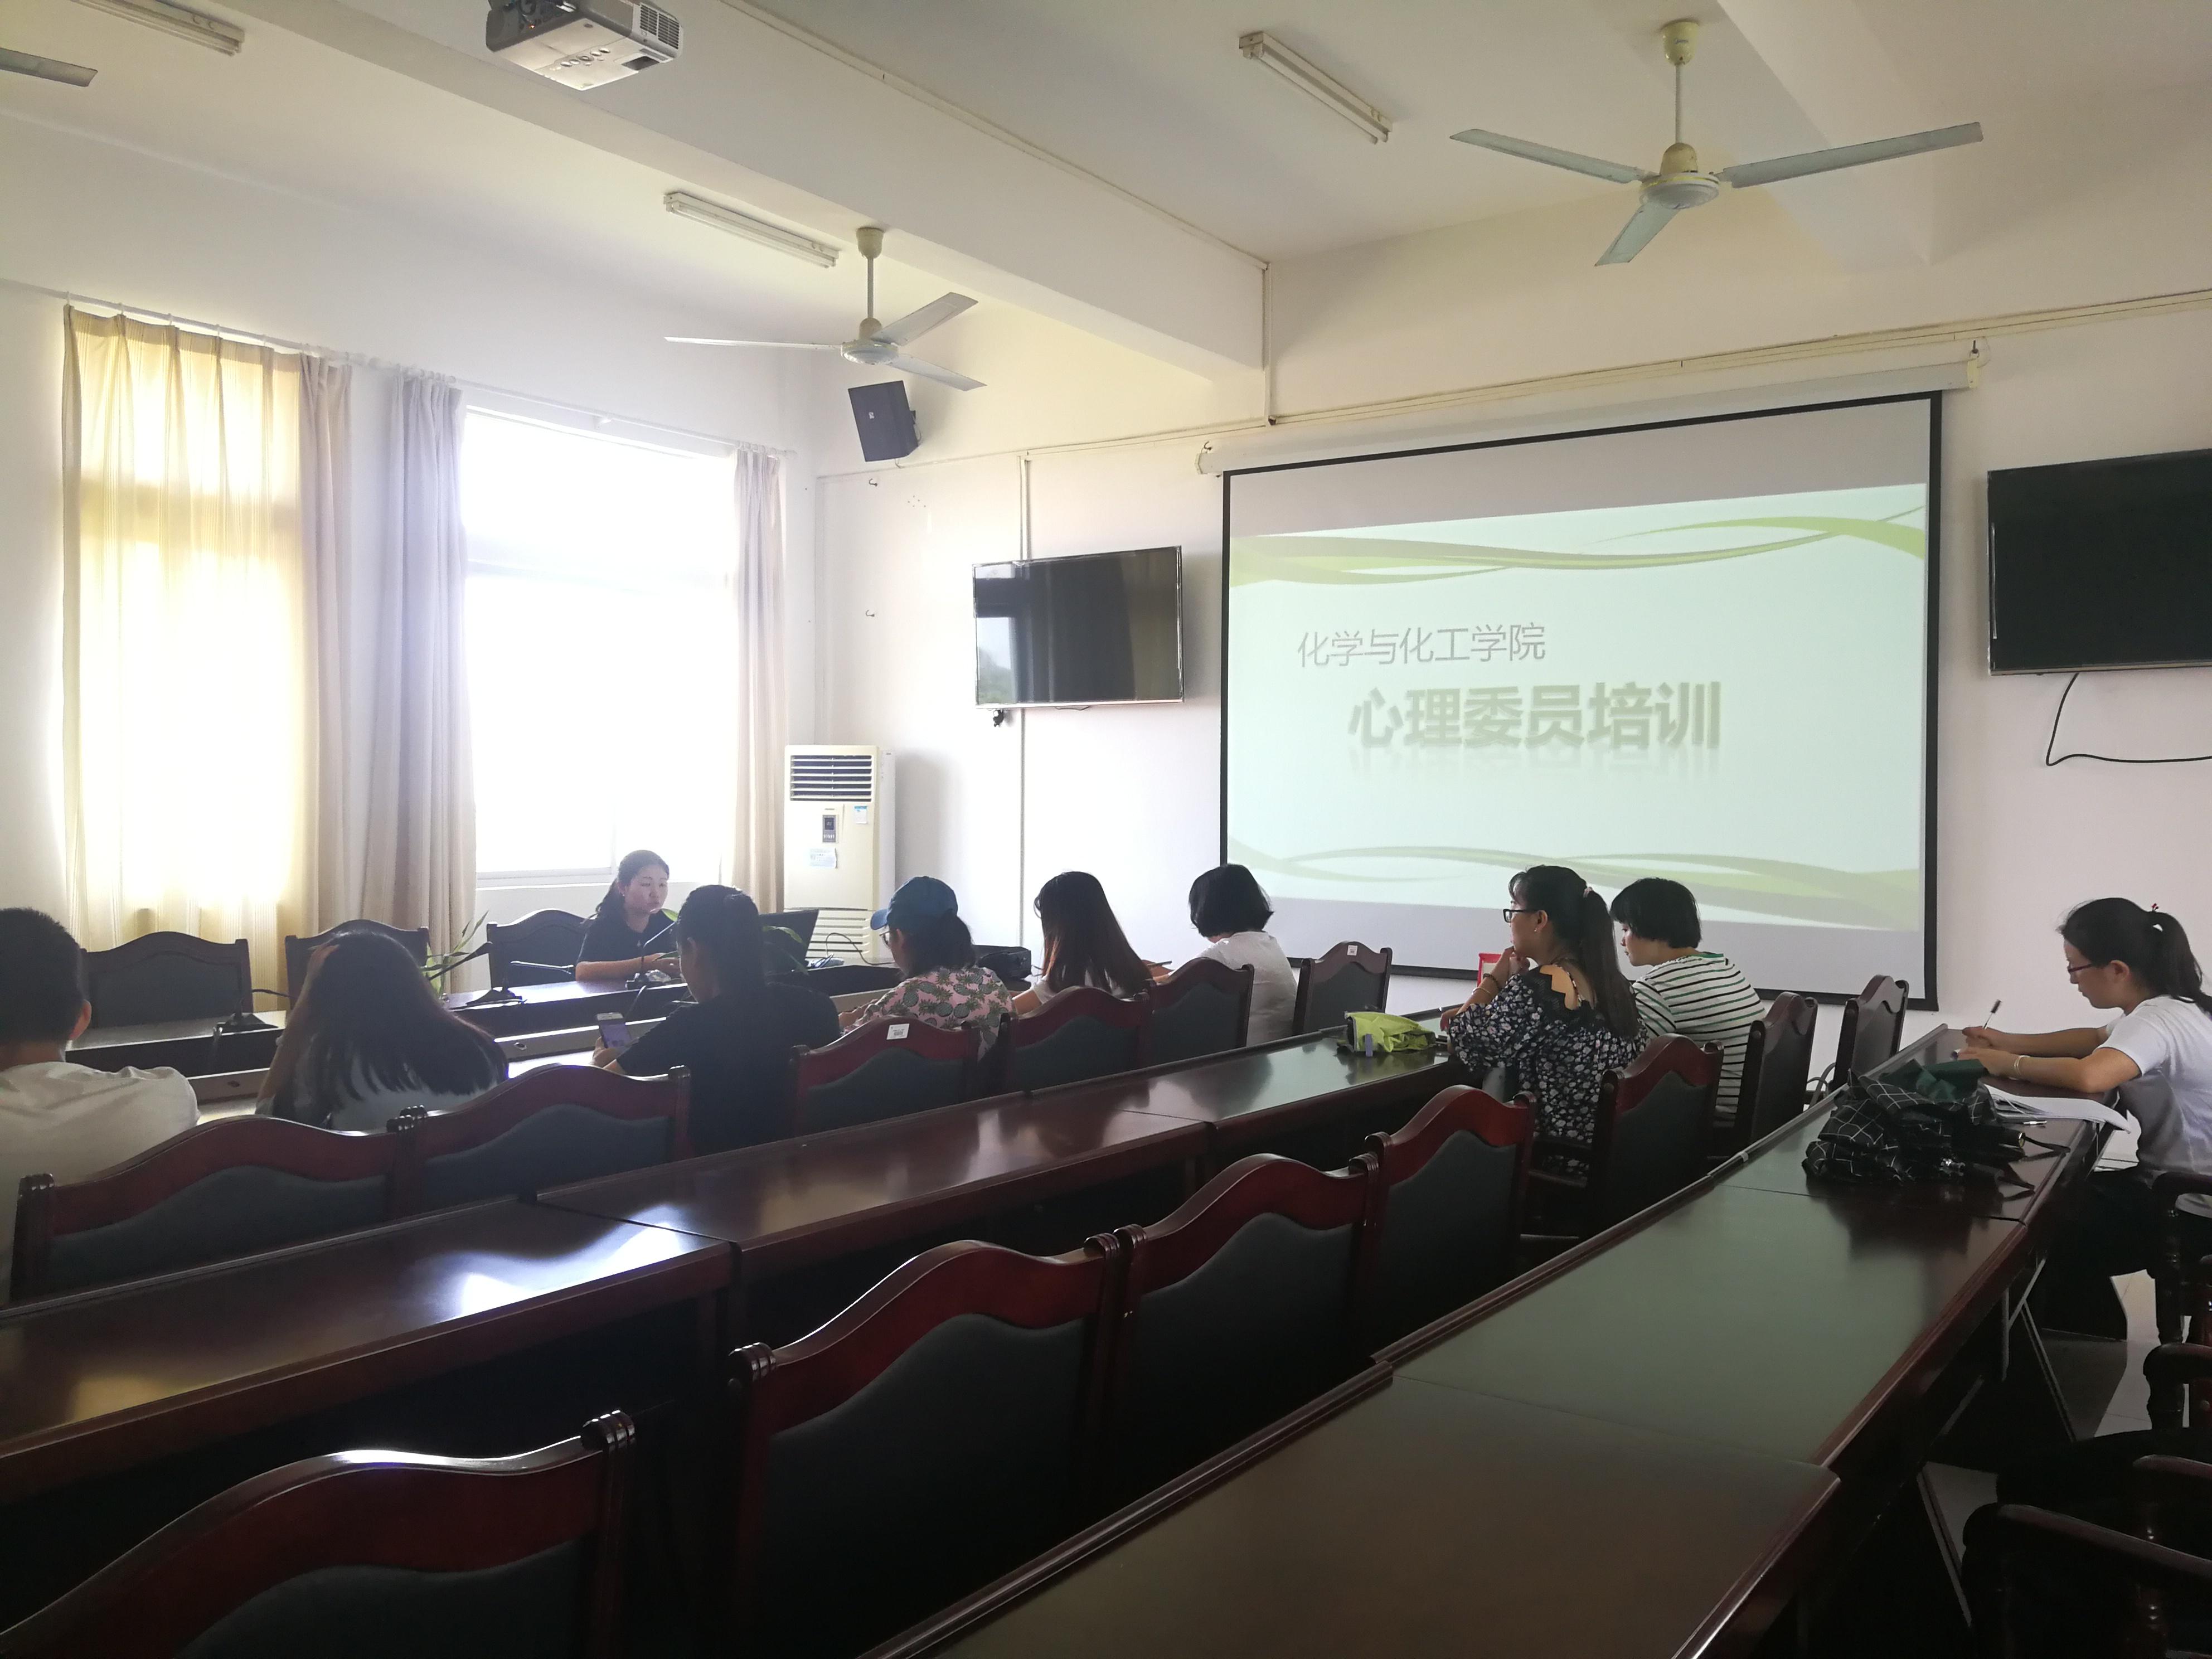 化学与化工学院心理委员培训